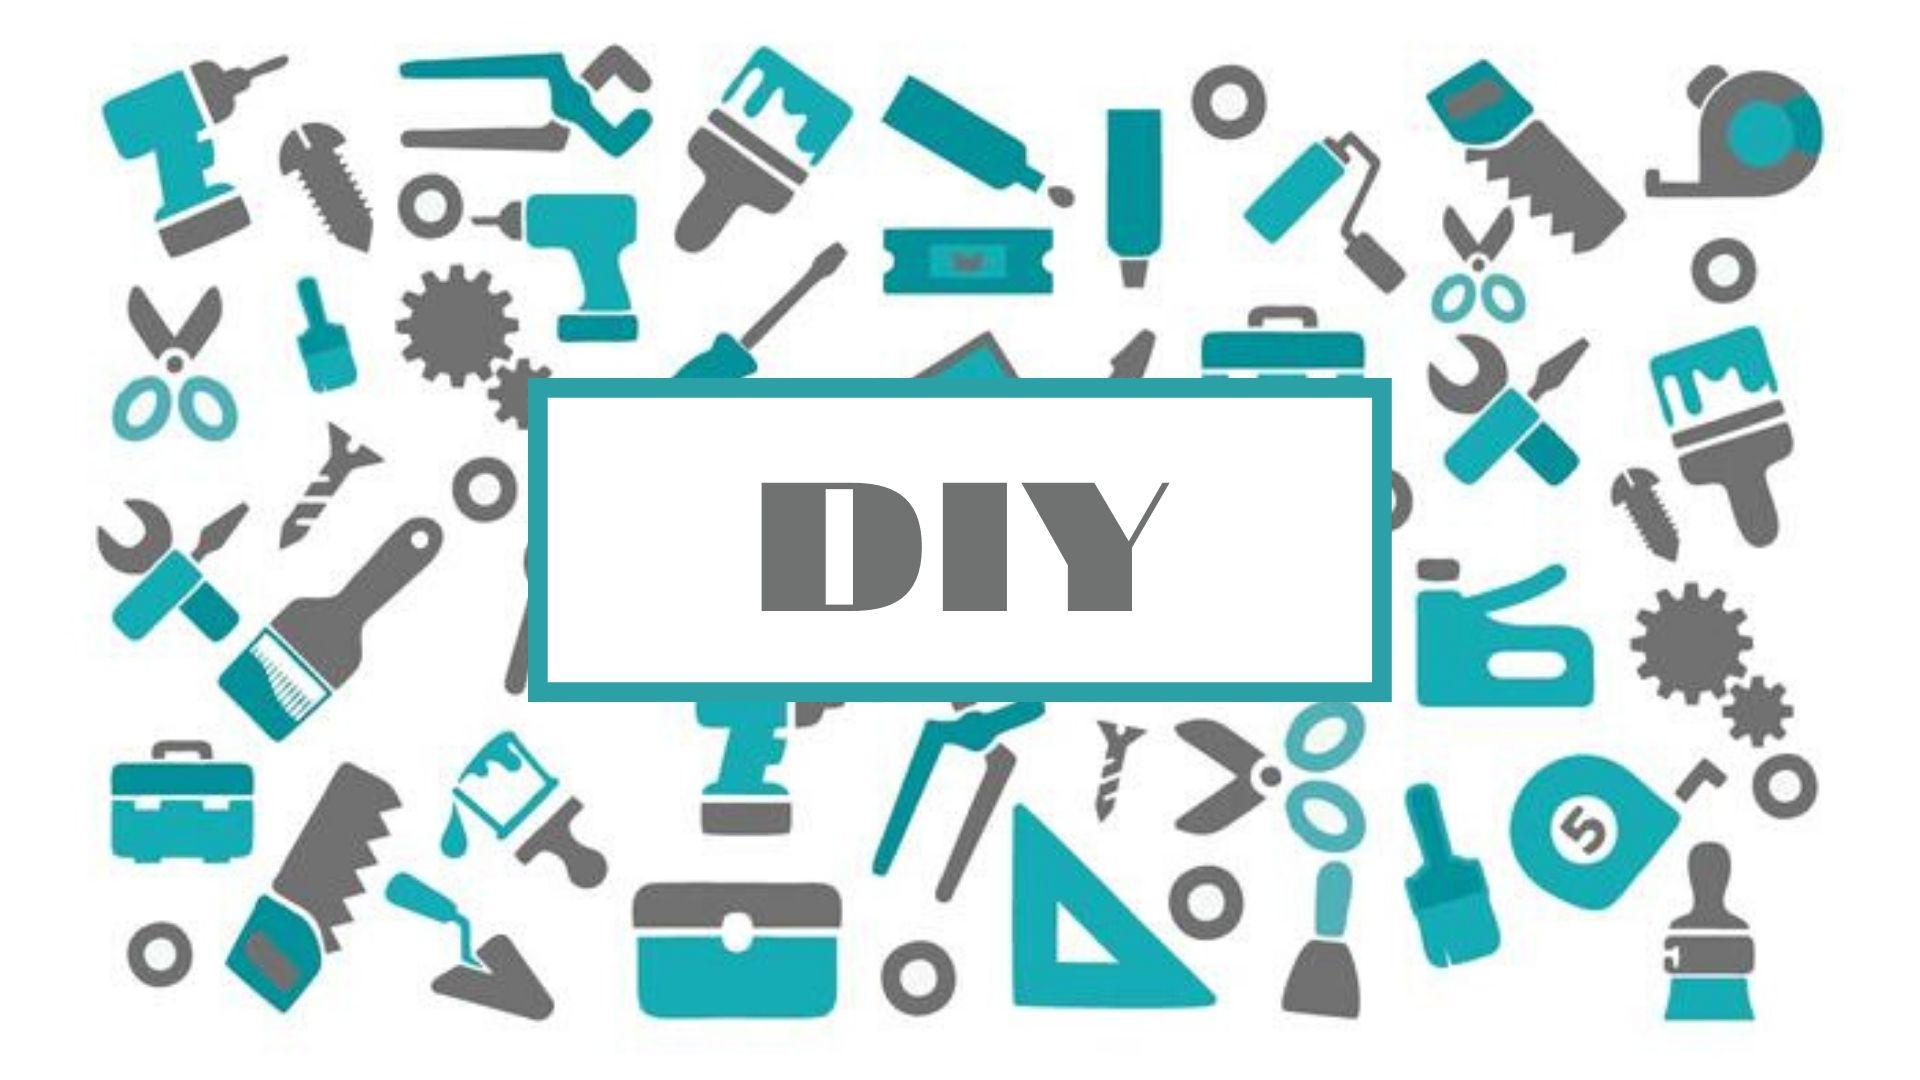 誰でも最初は初心者 Let's DIY